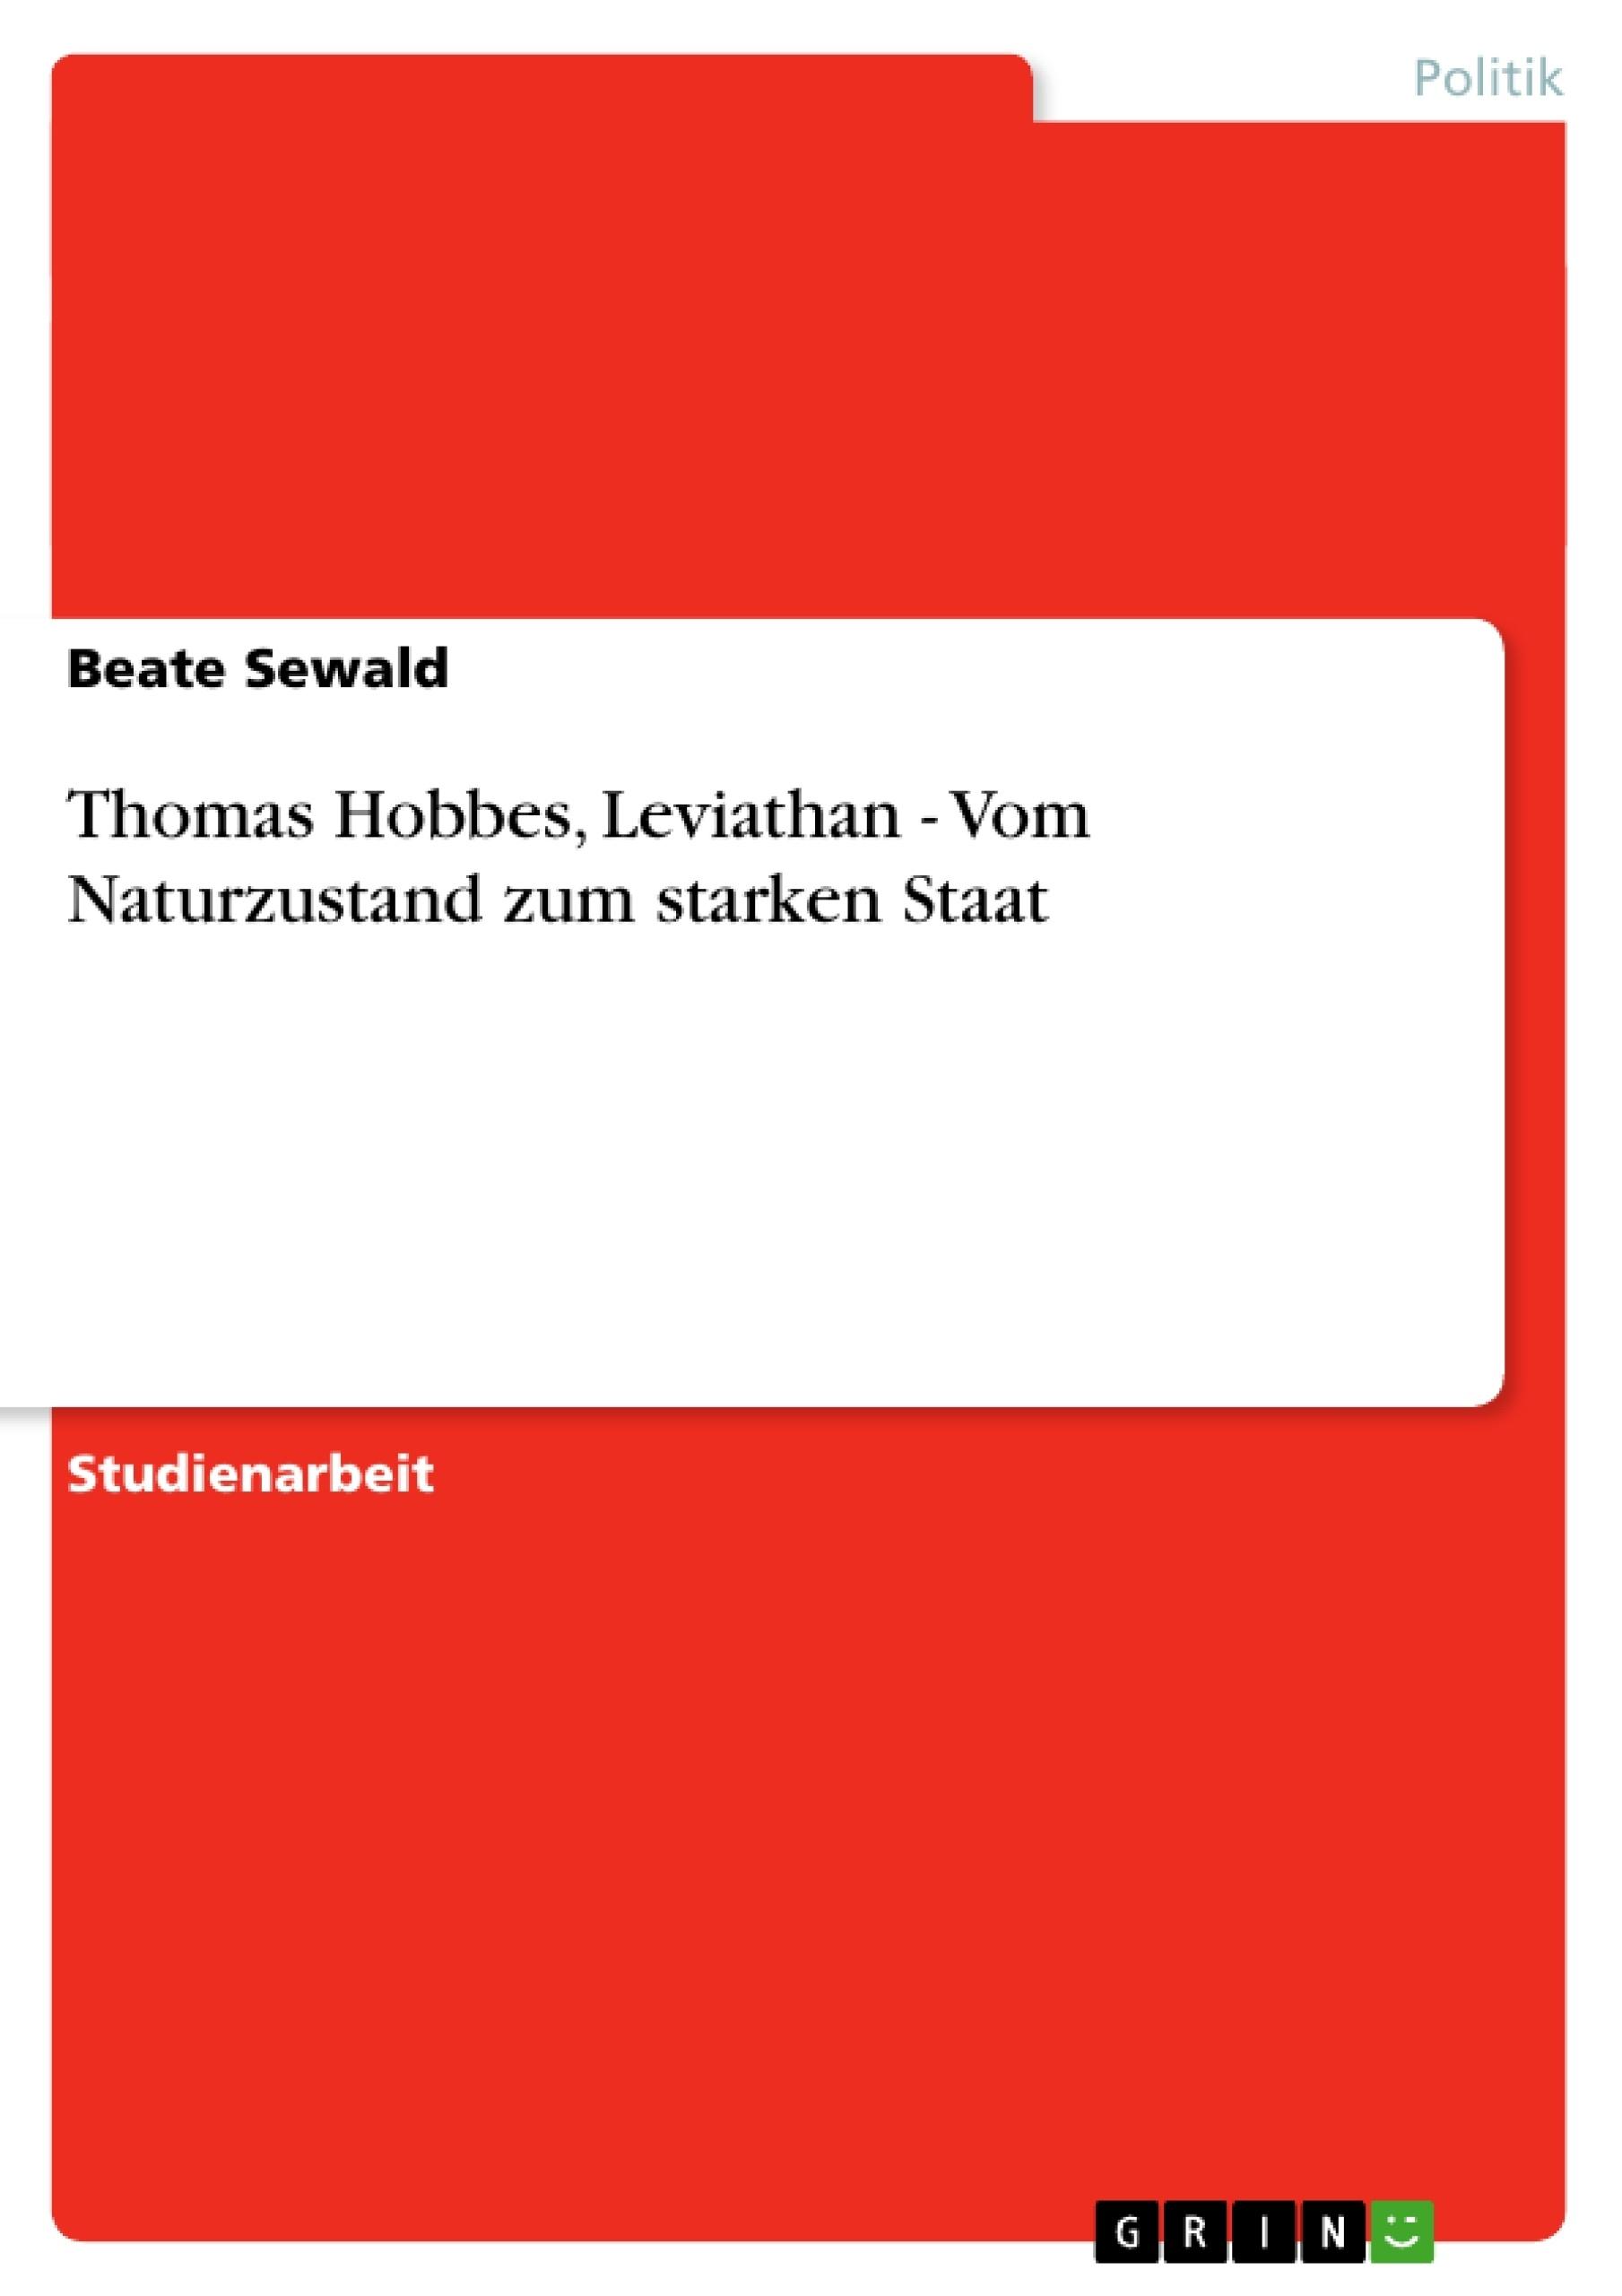 Titel: Thomas Hobbes, Leviathan - Vom Naturzustand zum starken Staat